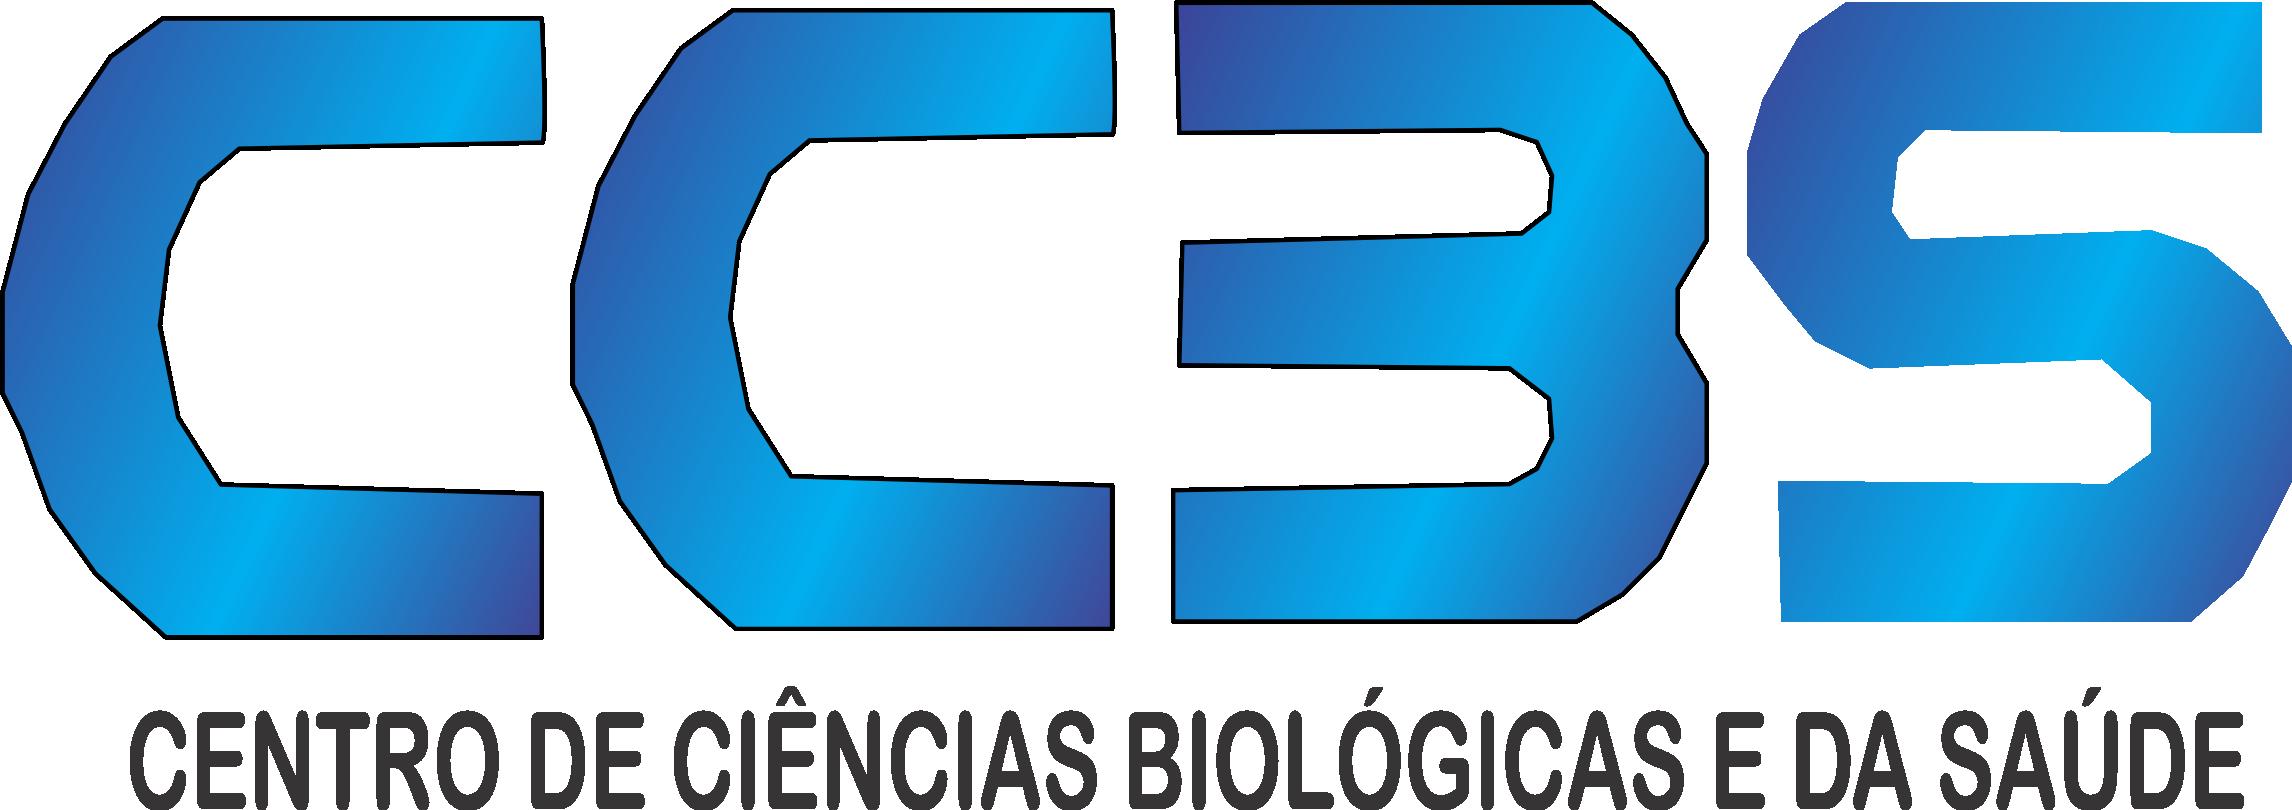 Logomarca CCBS